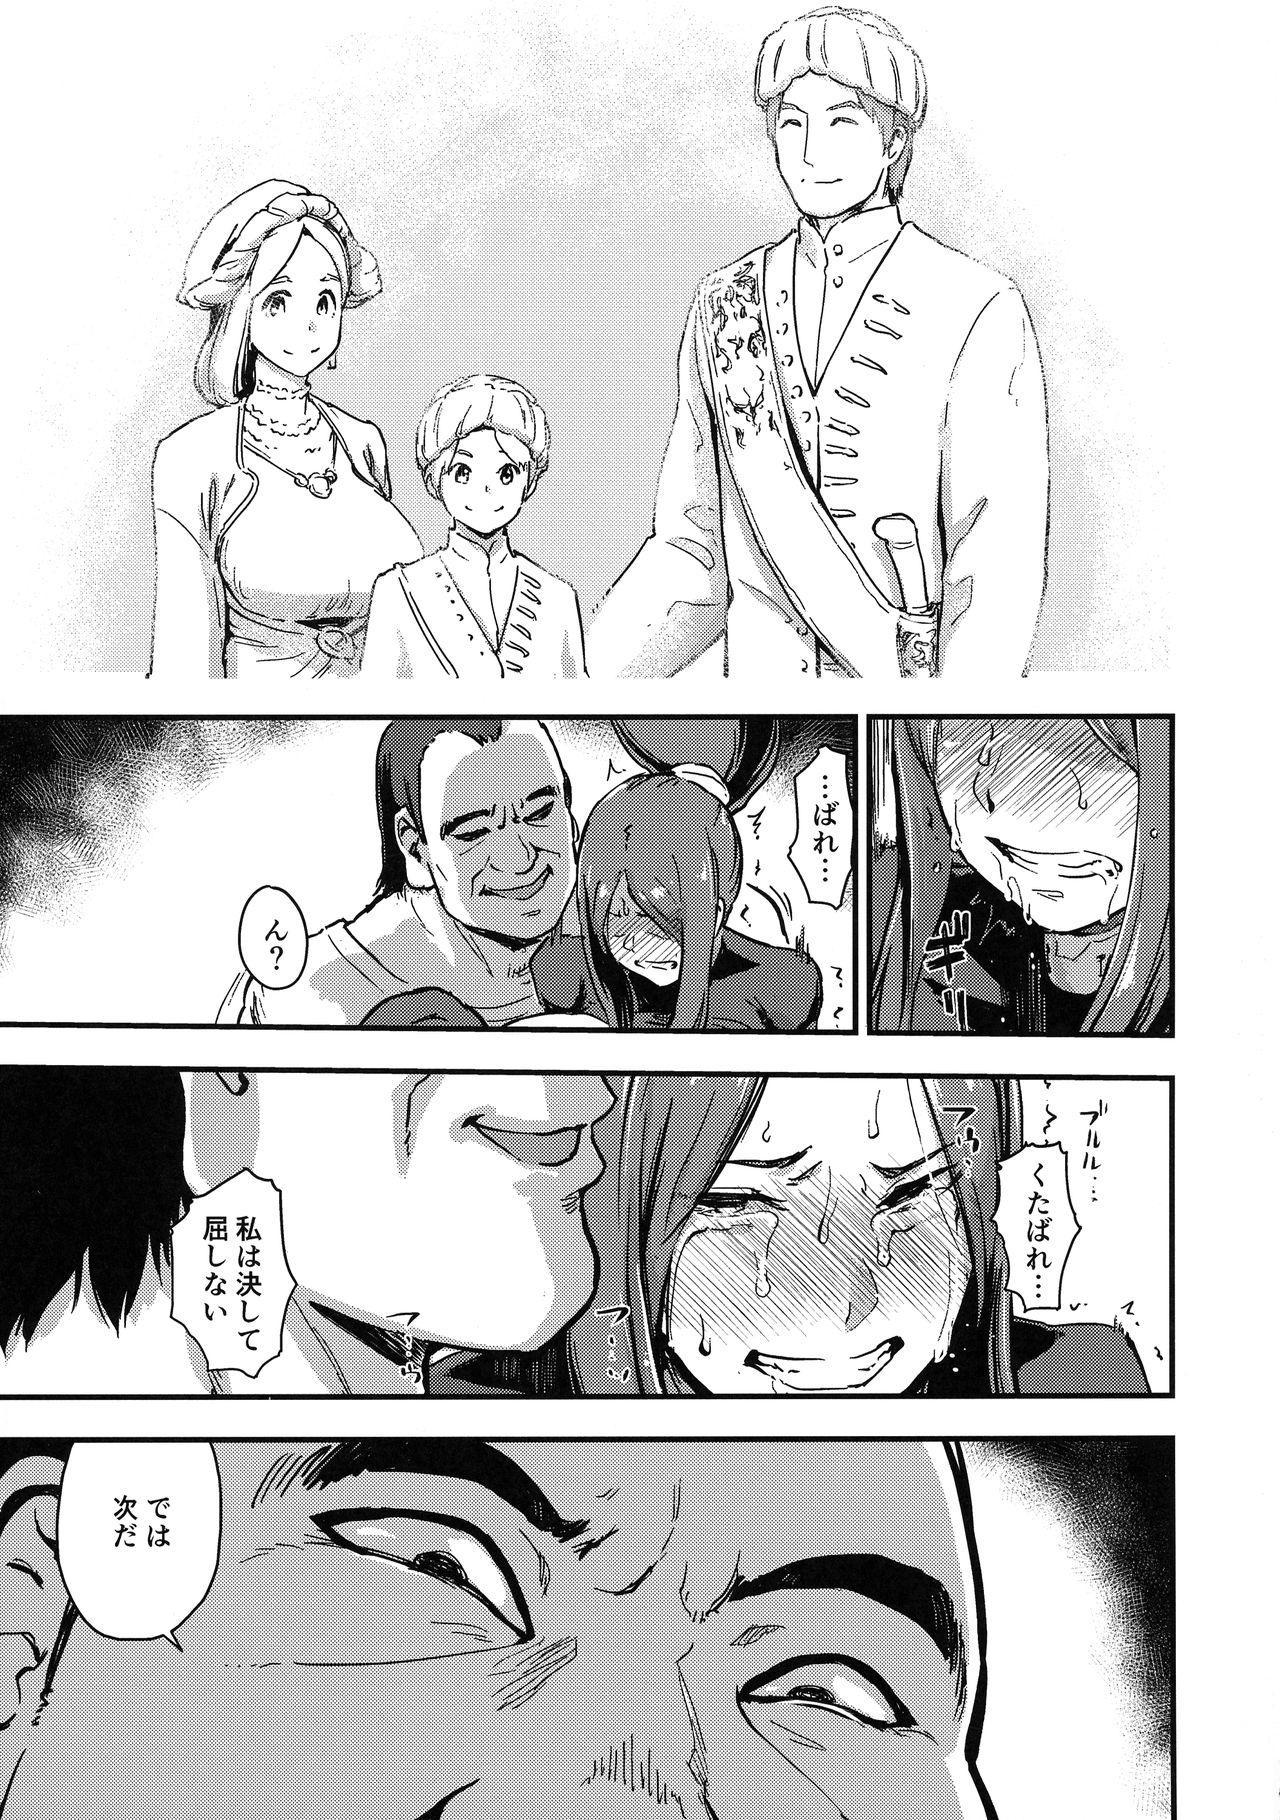 Majuu Teikoku Hishi-chuu Otto no Tame ni Kairaku Goumon ni Taeru Boukoku no Ouhi 20